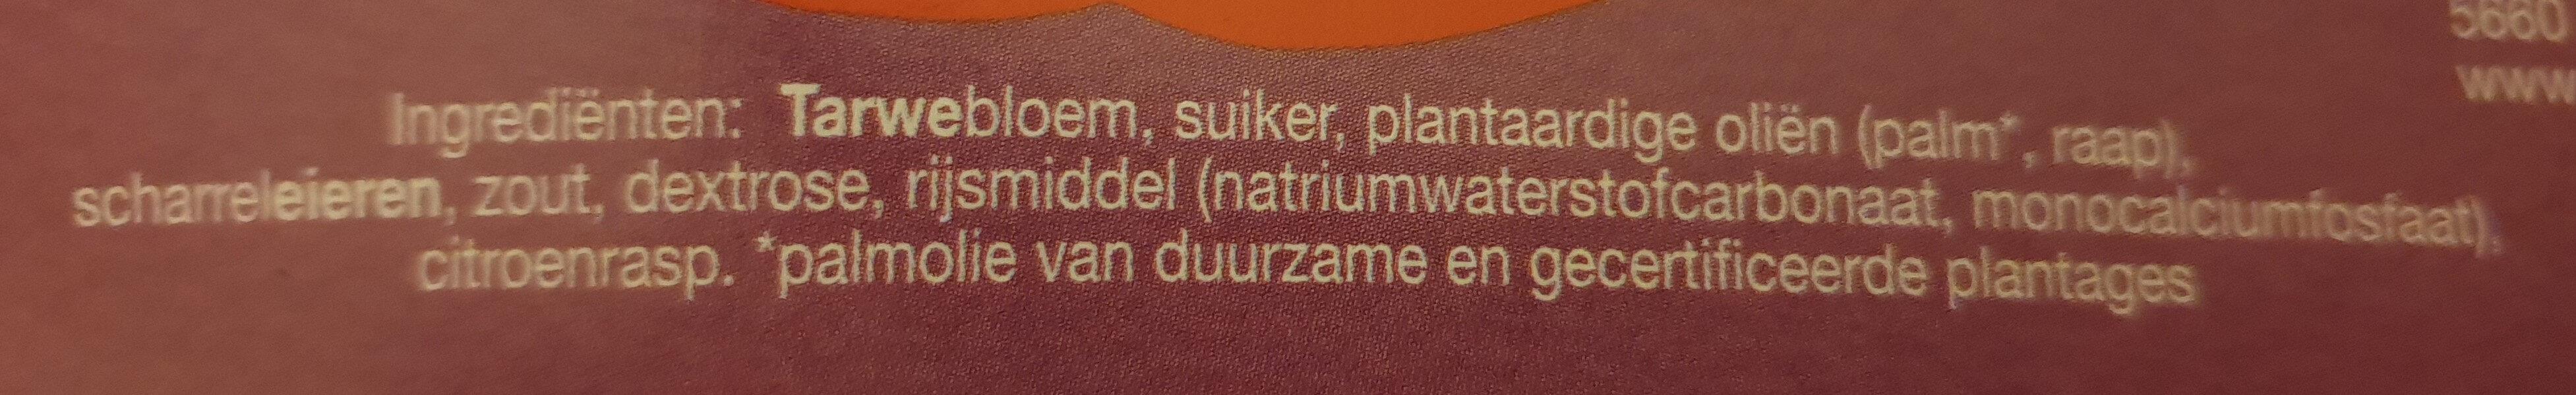 Jodekoek - Ingredients - nl